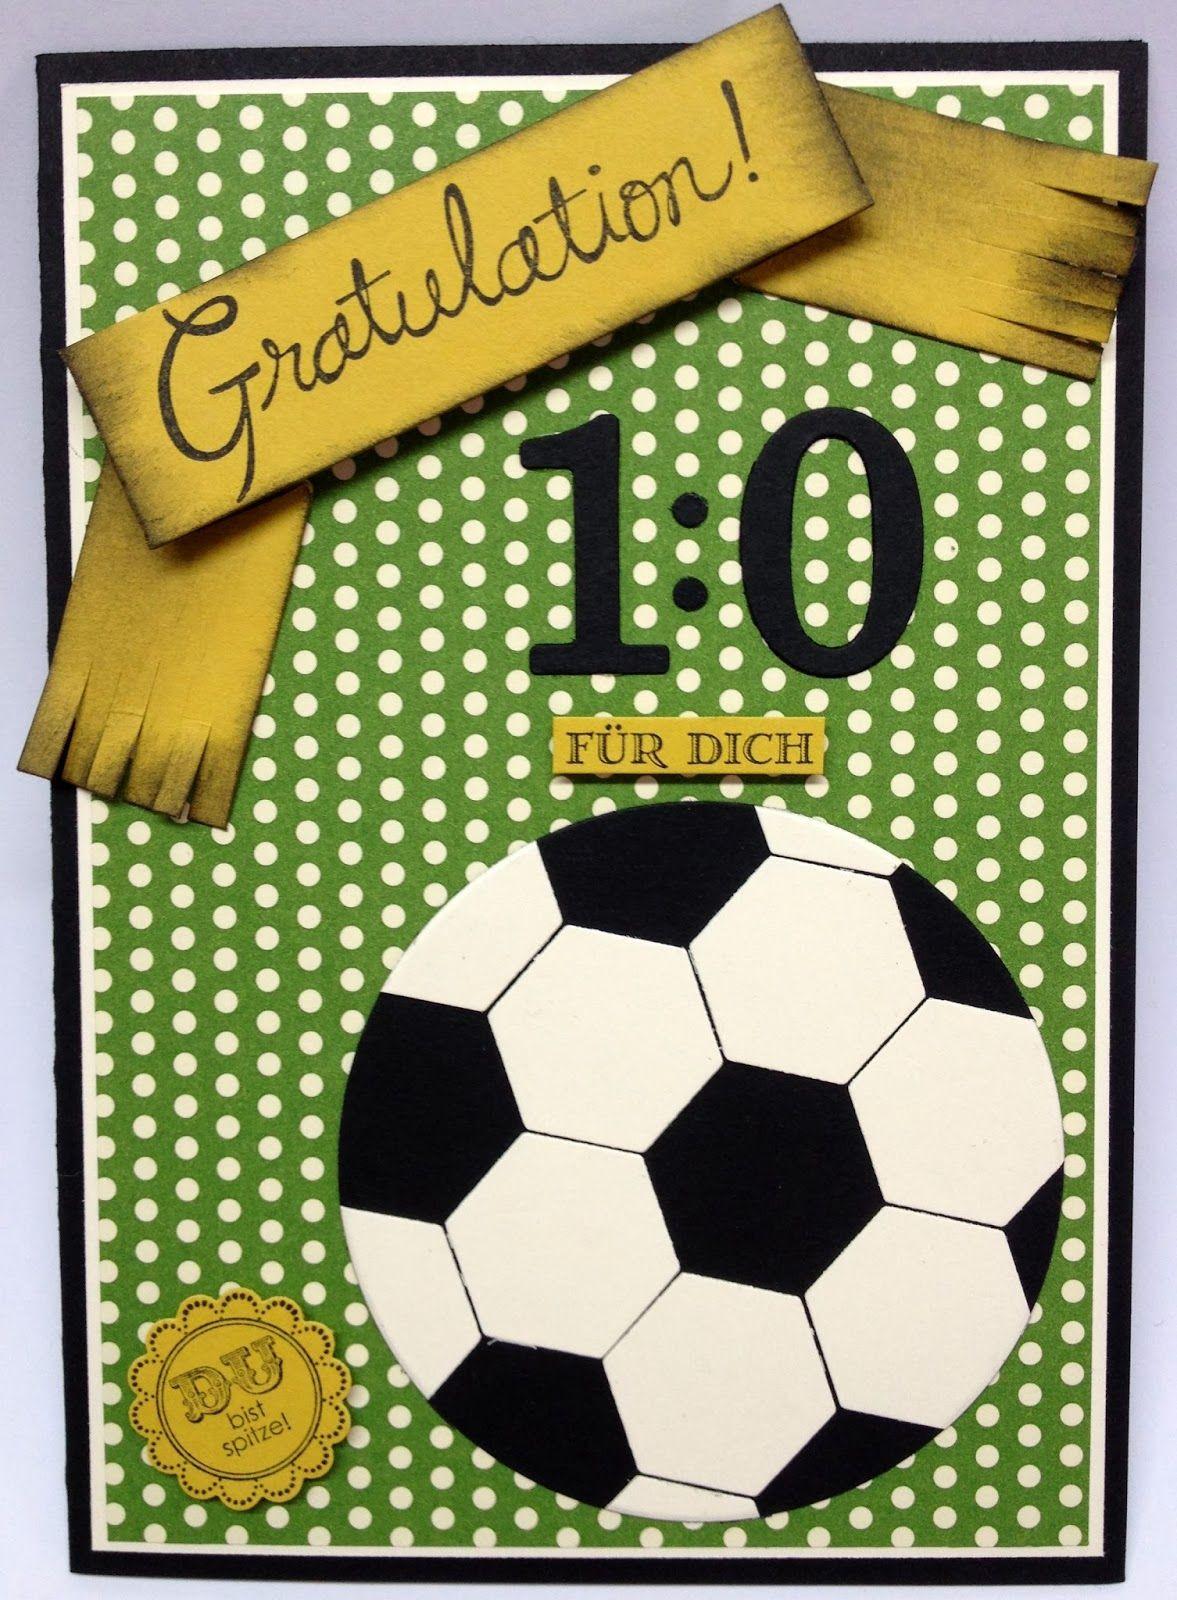 Geburtstagskarten Zum Ausdrucken Für Männer  Willkommen im Bastel Wunderland Fußball